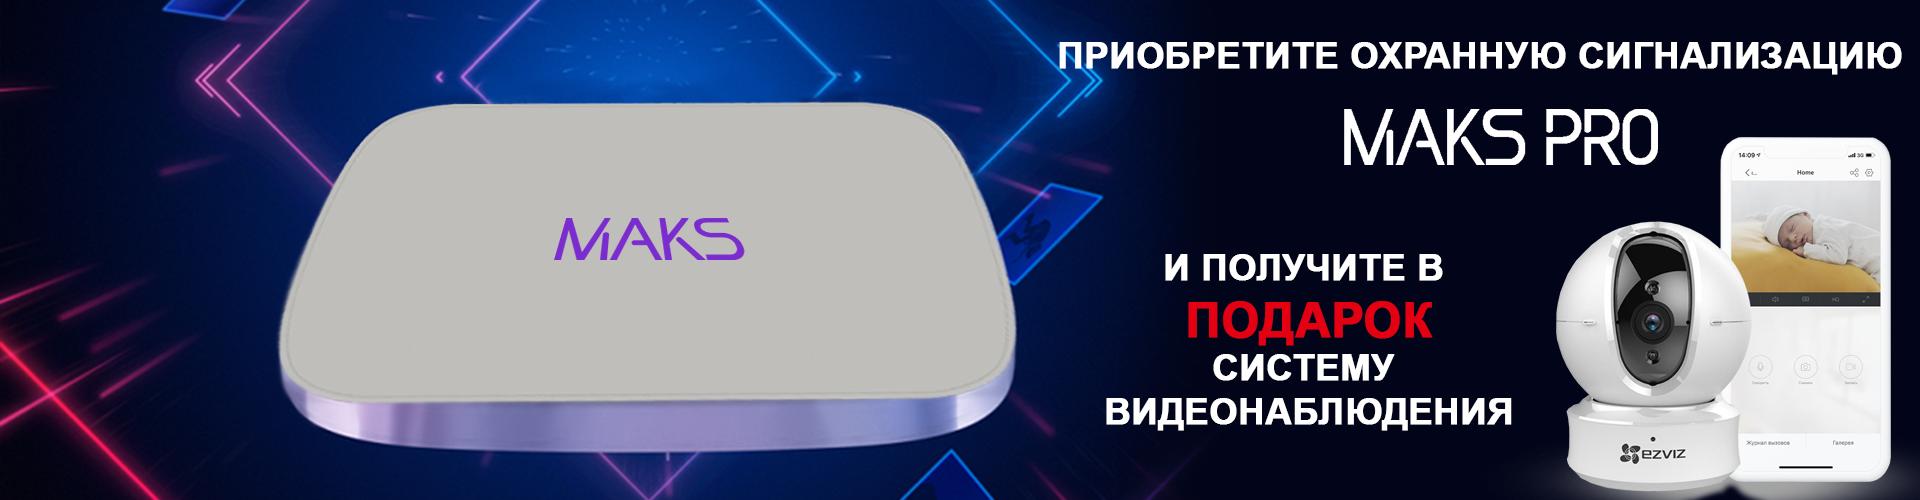 ОХРАННОЕ АГЕНТСТВО: Муниципальная охрана Харьков